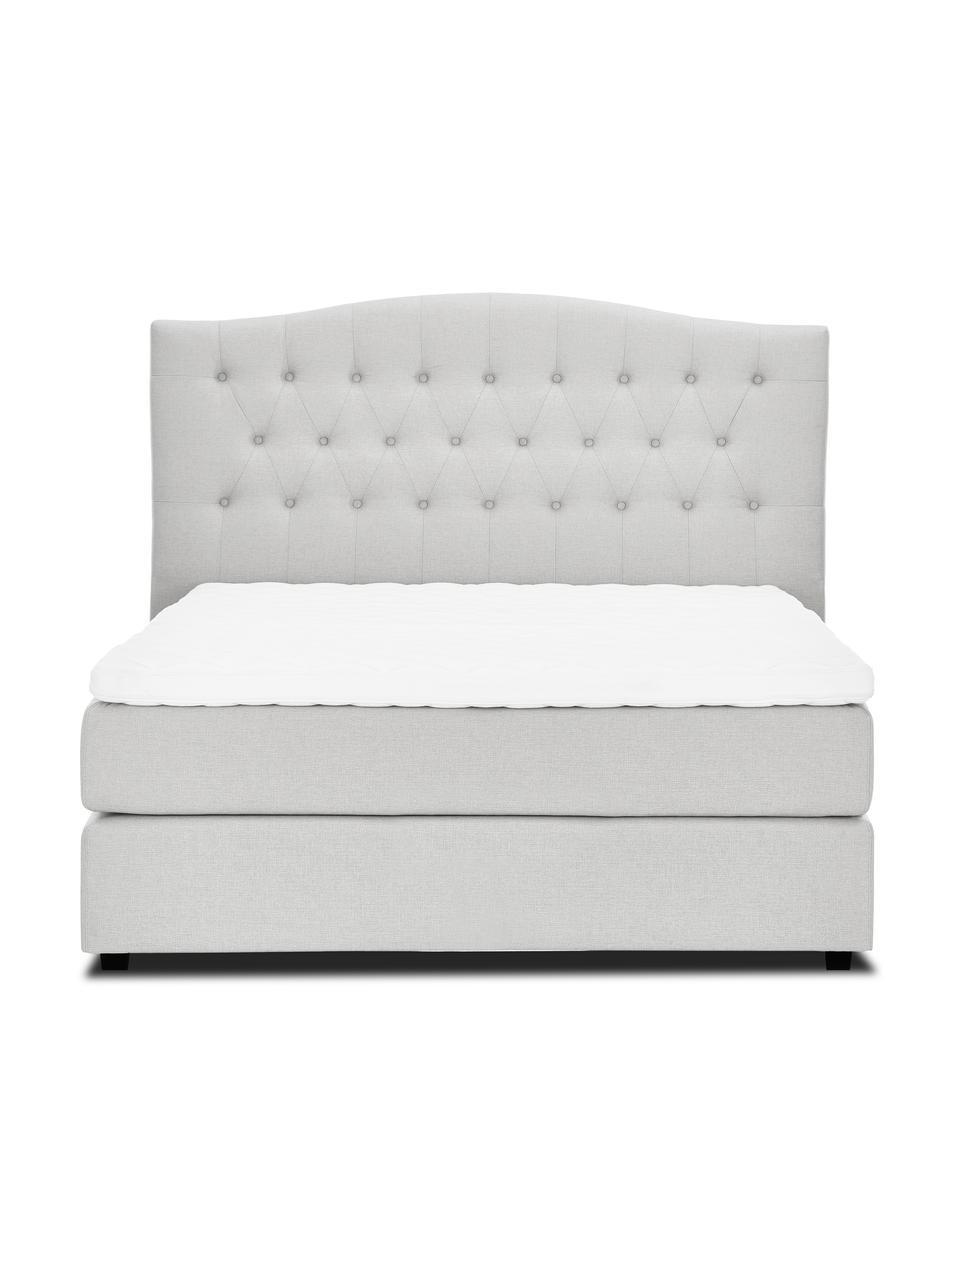 Premium Boxspringbett Royal in Weiß-Grau, Matratze: 5-Zonen-Taschenfederkern, Füße: Massives Birkenholz, lack, Stoff Helles Weiß-Grau, 200 x 200 cm